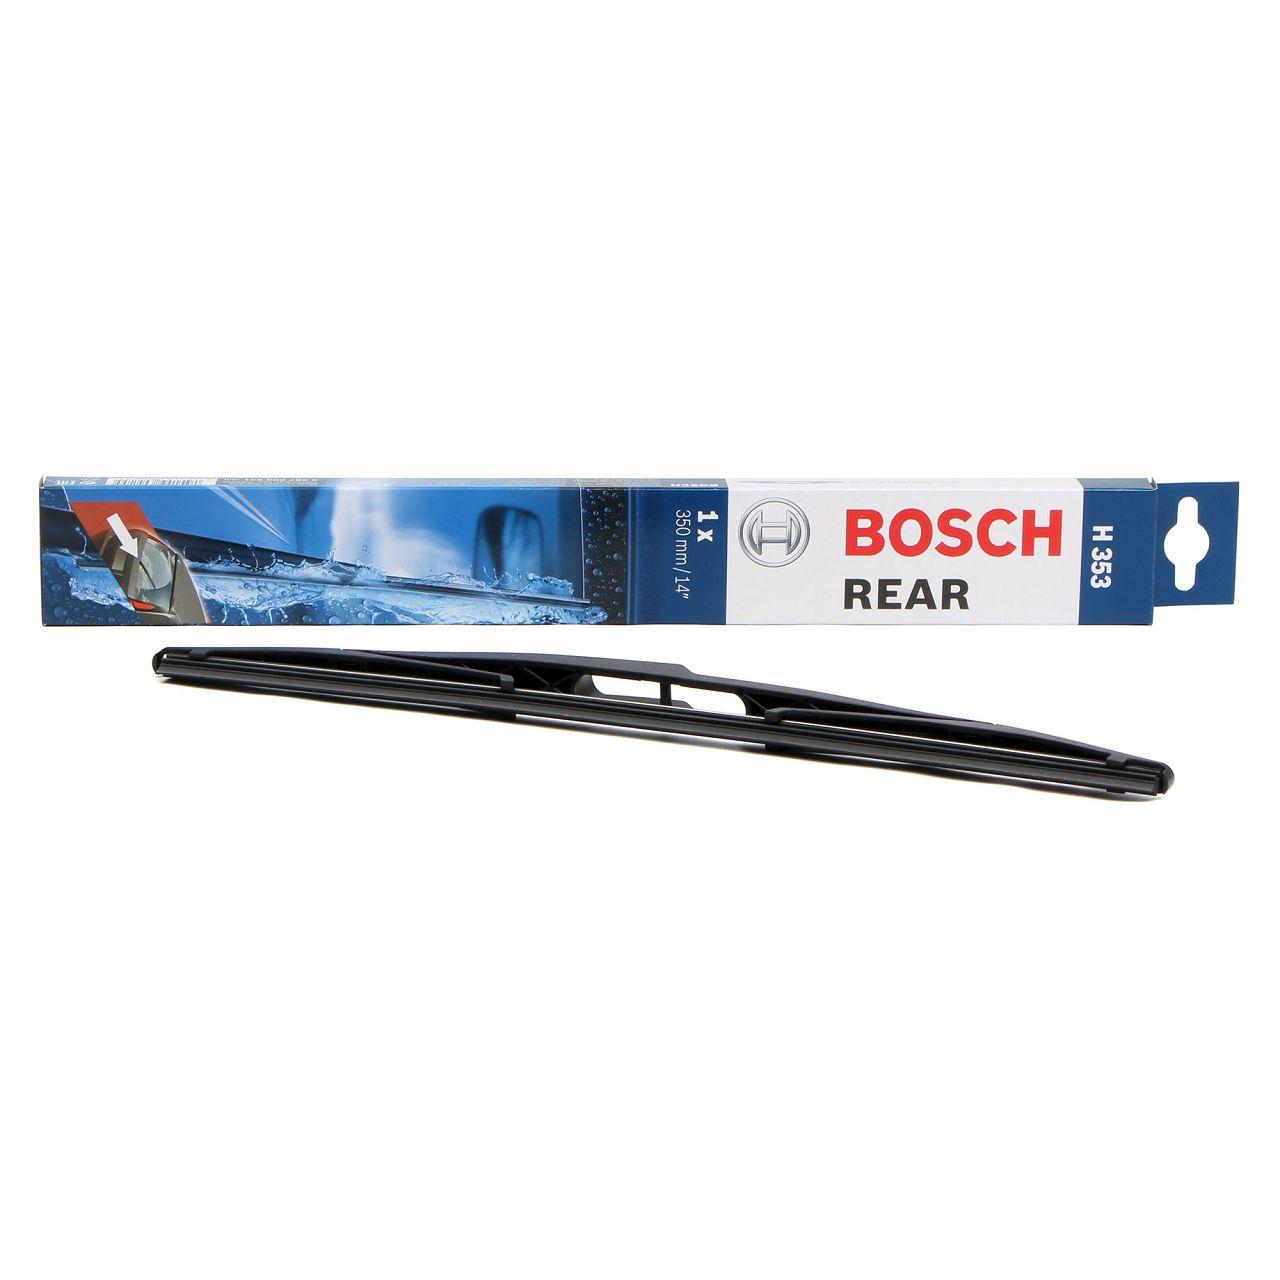 BOSCH Heckscheibenwischer Wischerblatt Wischer H353 350mm